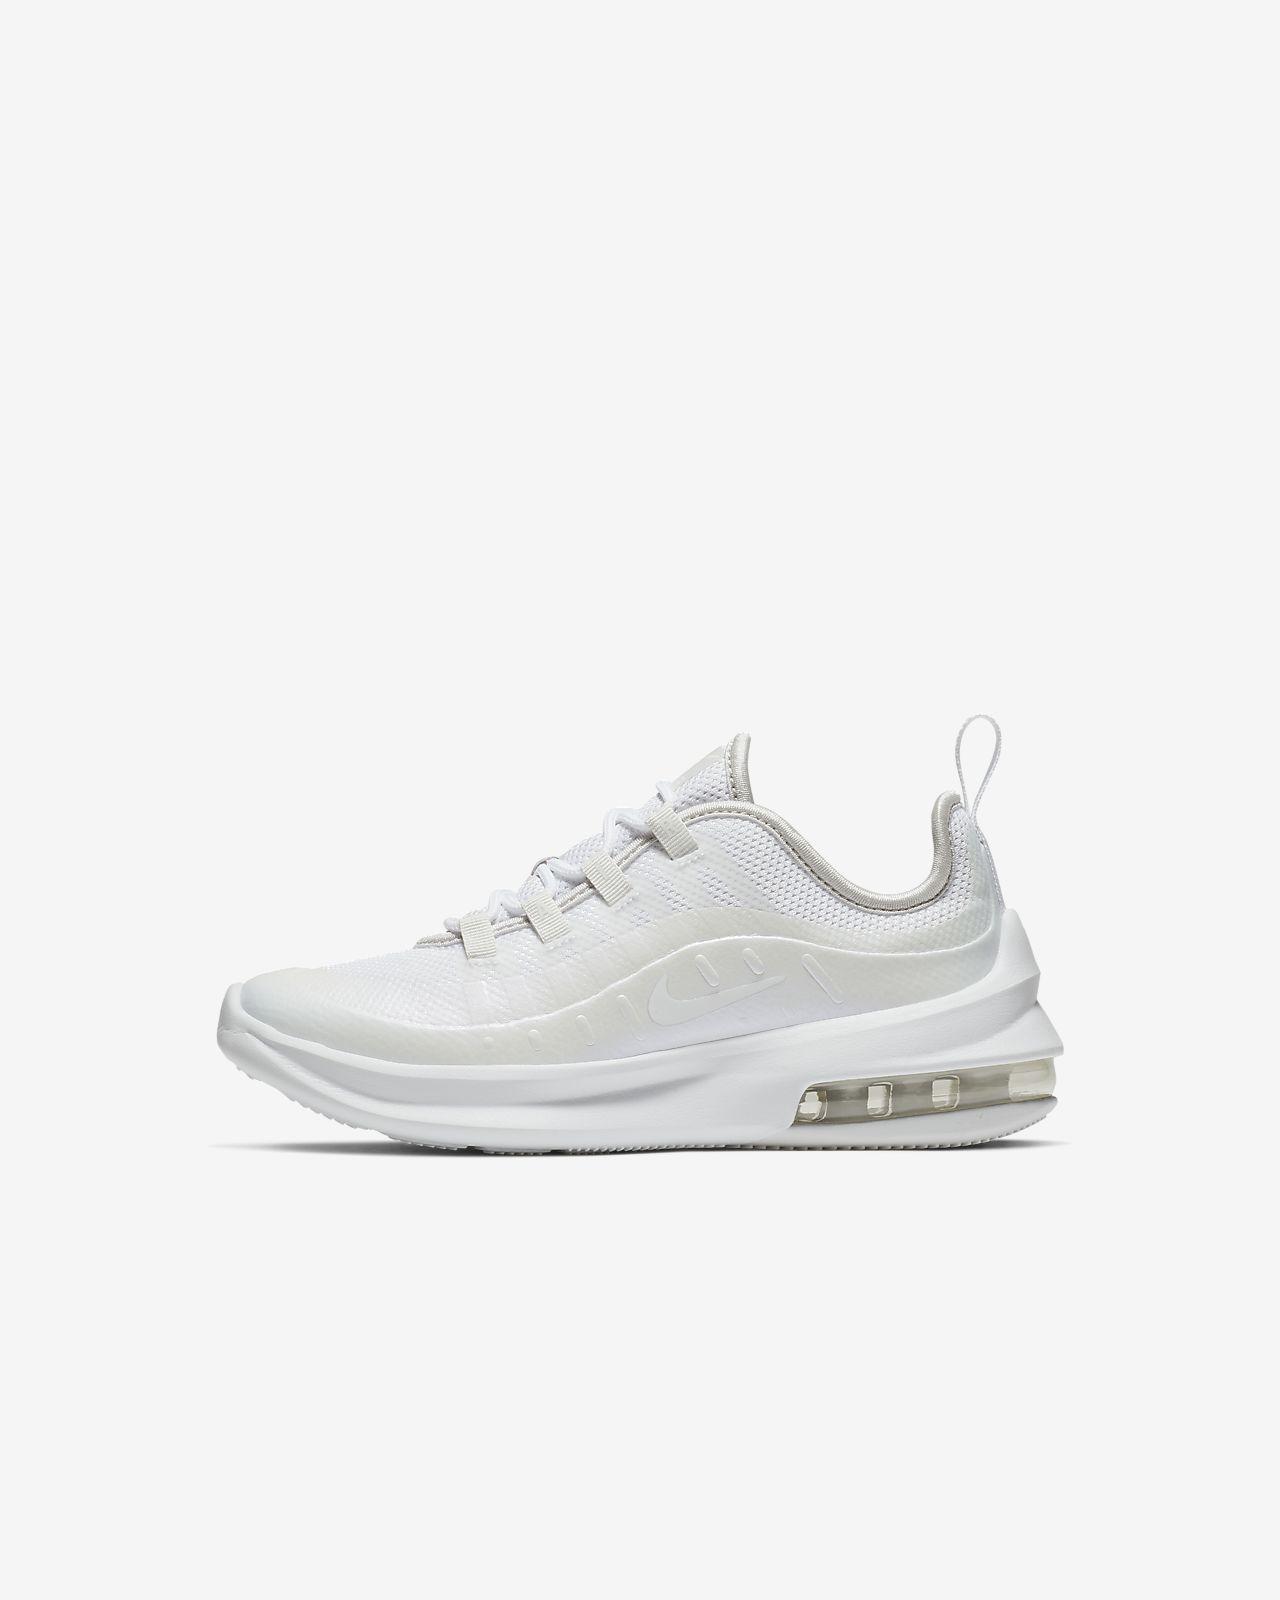 online store a5973 0391b Nike Air Max Axis